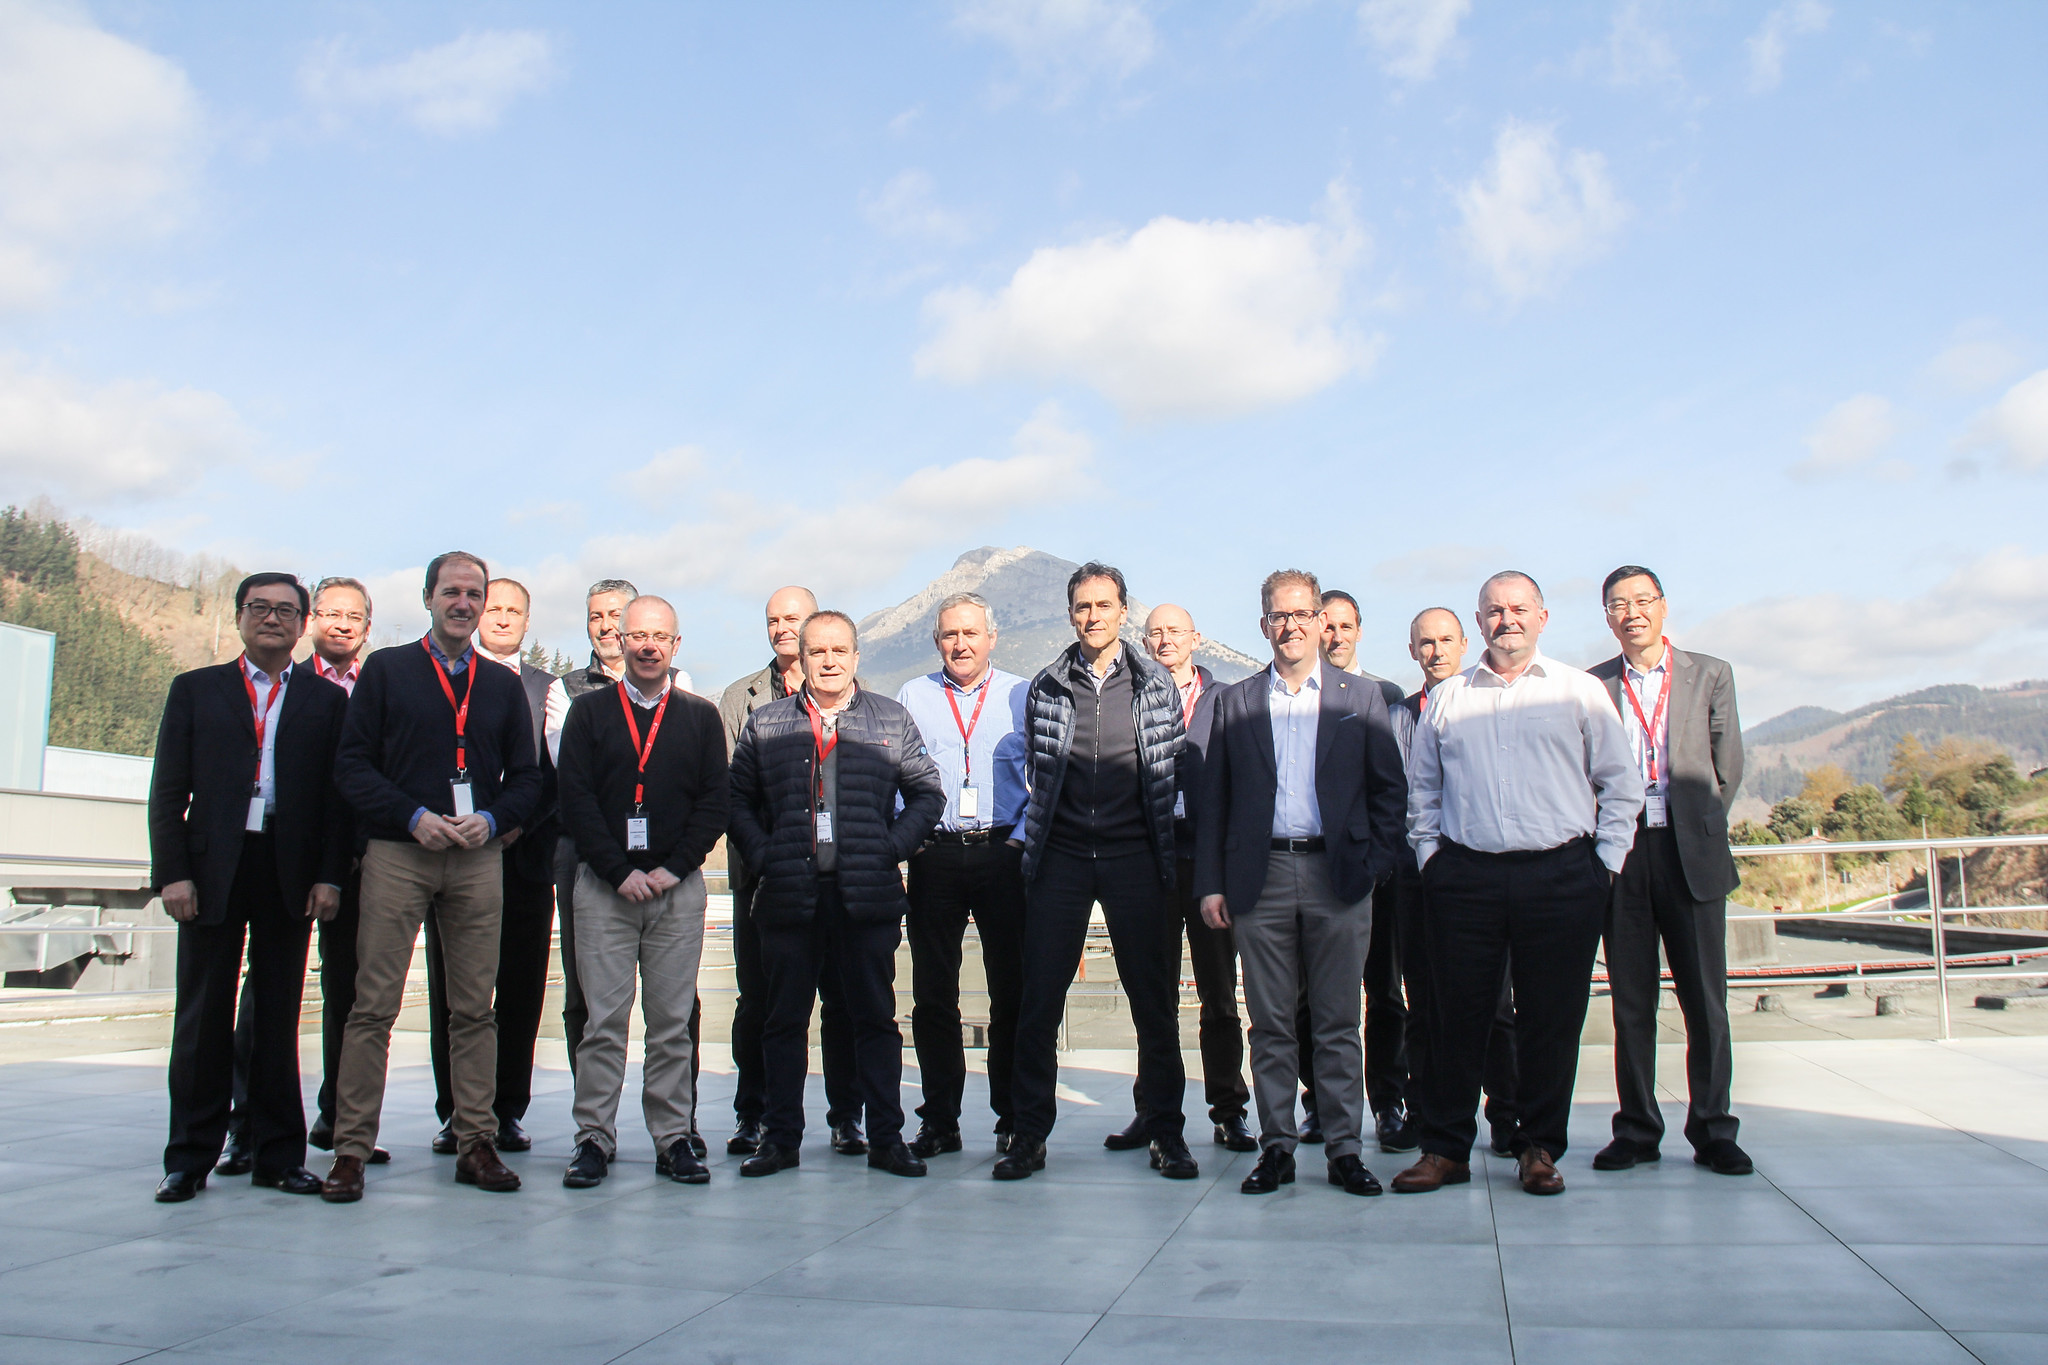 Reunión del Consejo Industrial de Corporación MONDRAGON y visita a las instalaciones de Fagor Arrasate